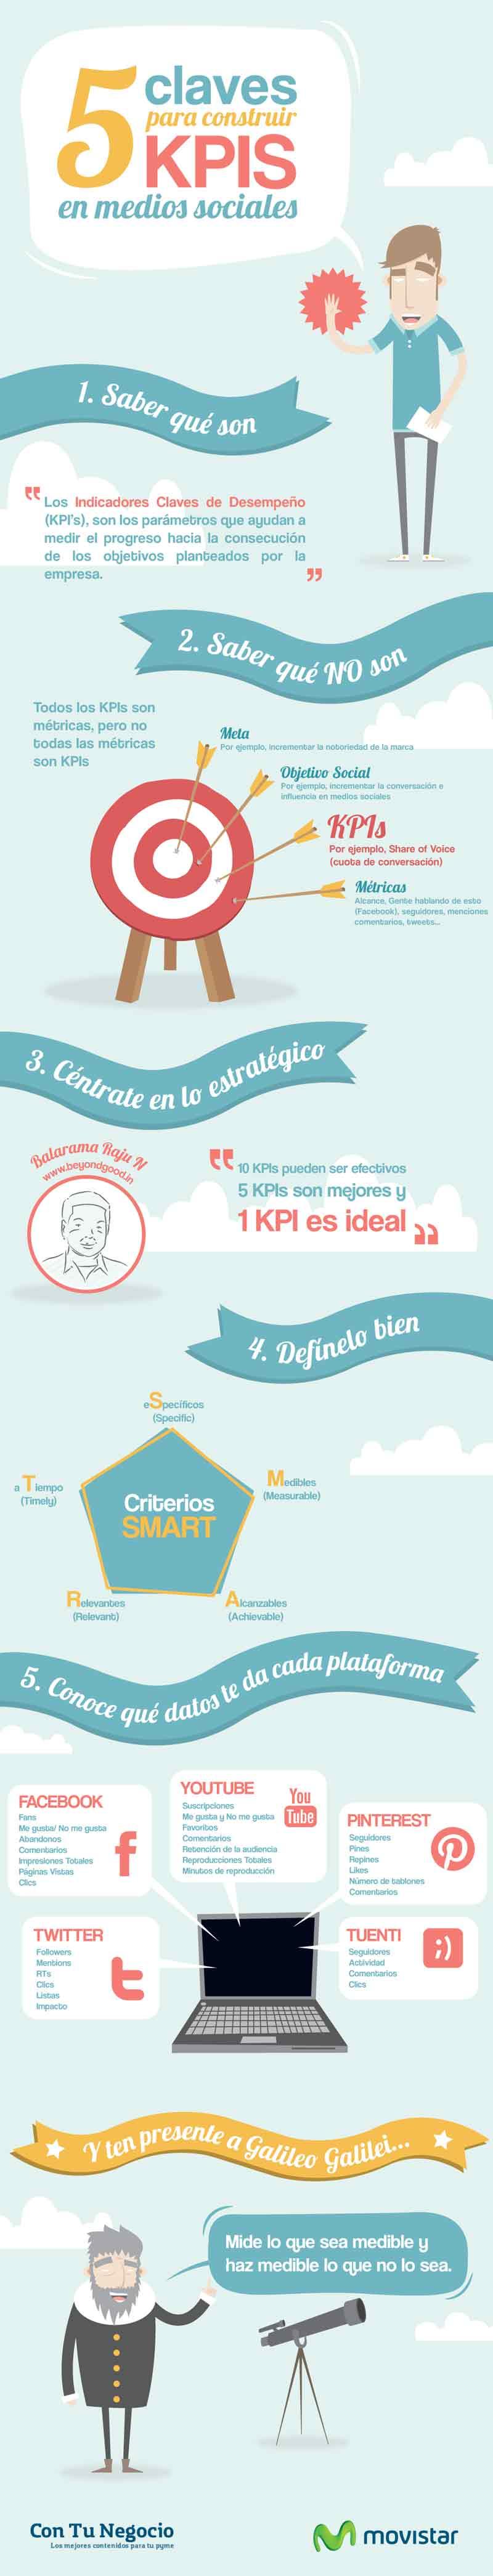 5 claves para construir KPIs en medios sociales